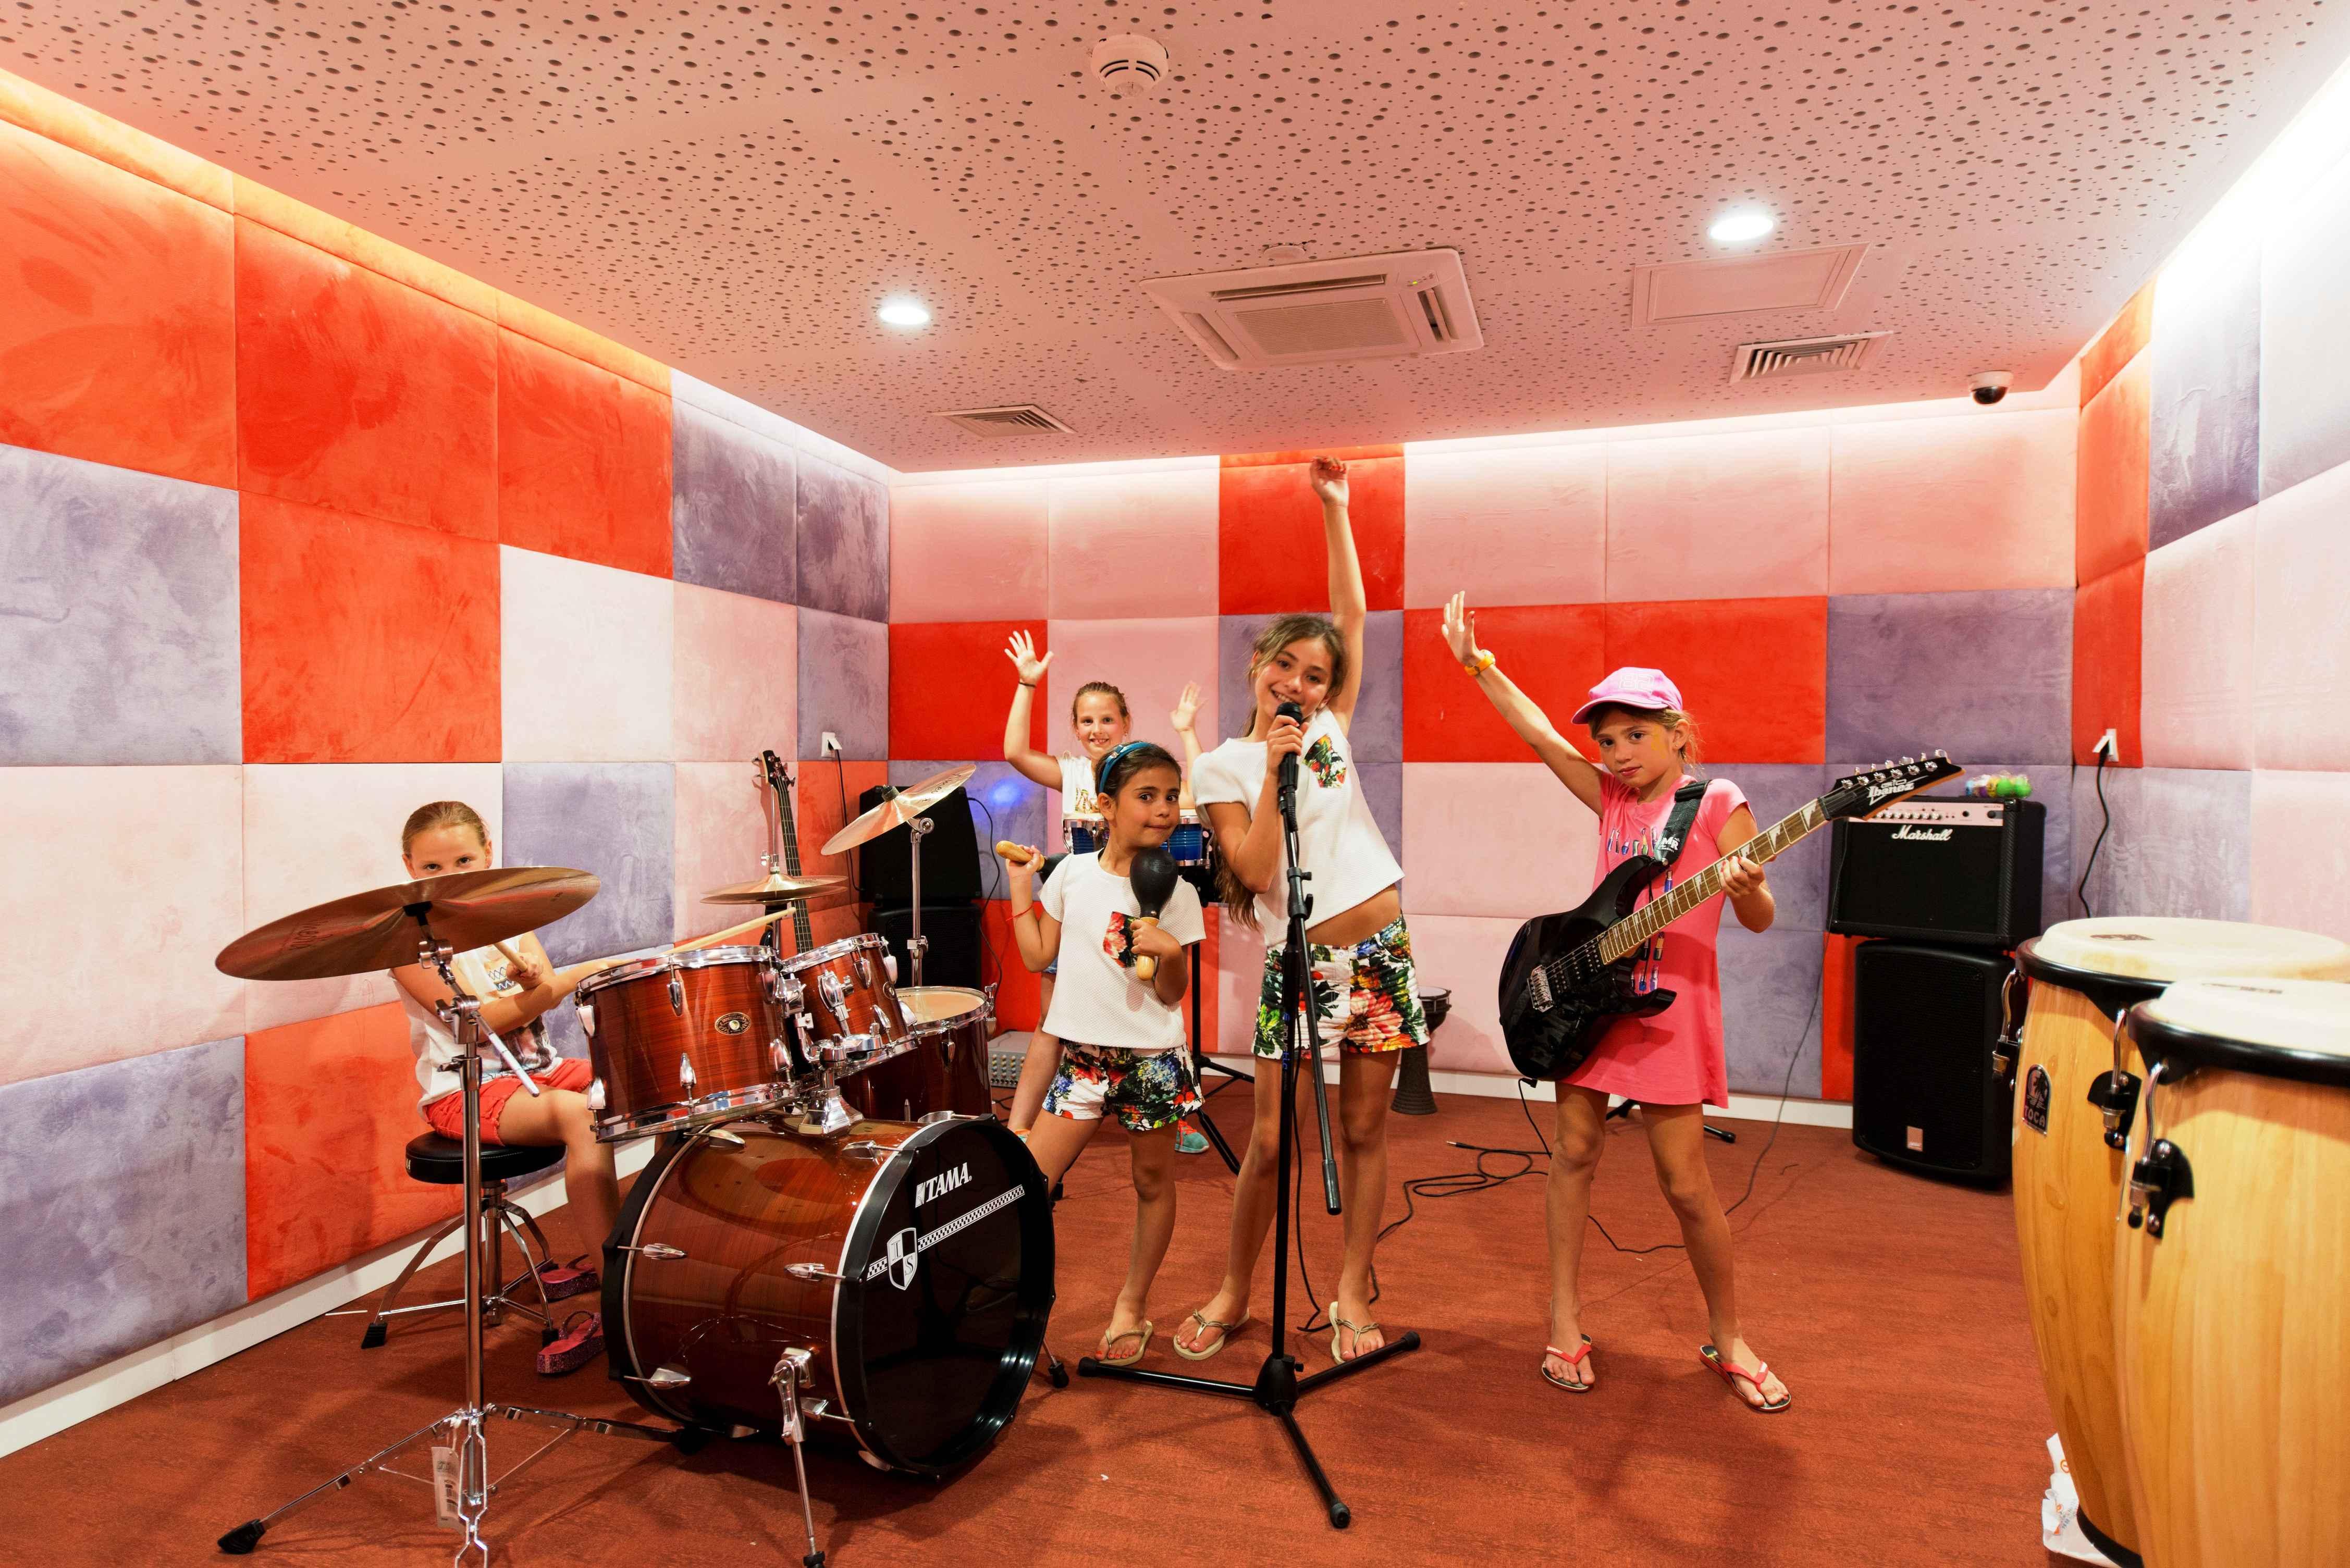 Hotel-Xanadu-Resort-Belek-Musikstudio-fuer-Jugendliche